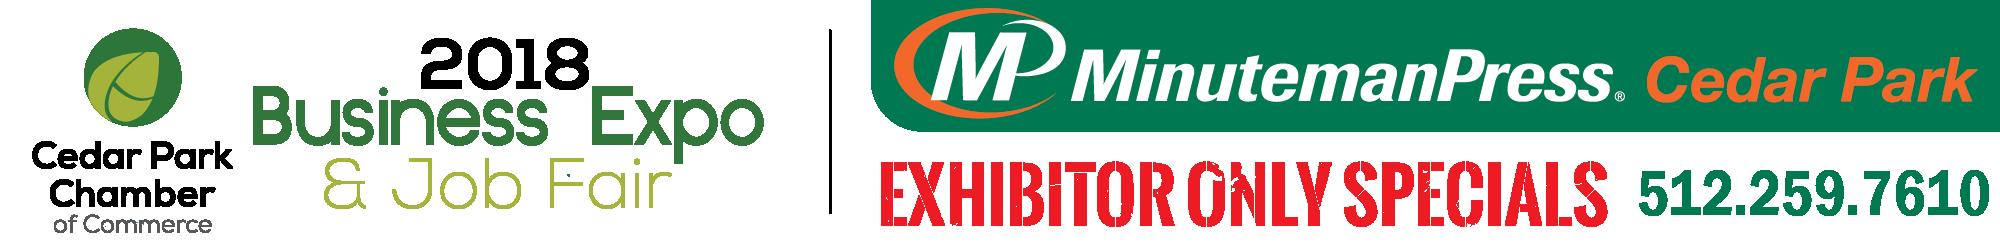 Exhibitor Specials